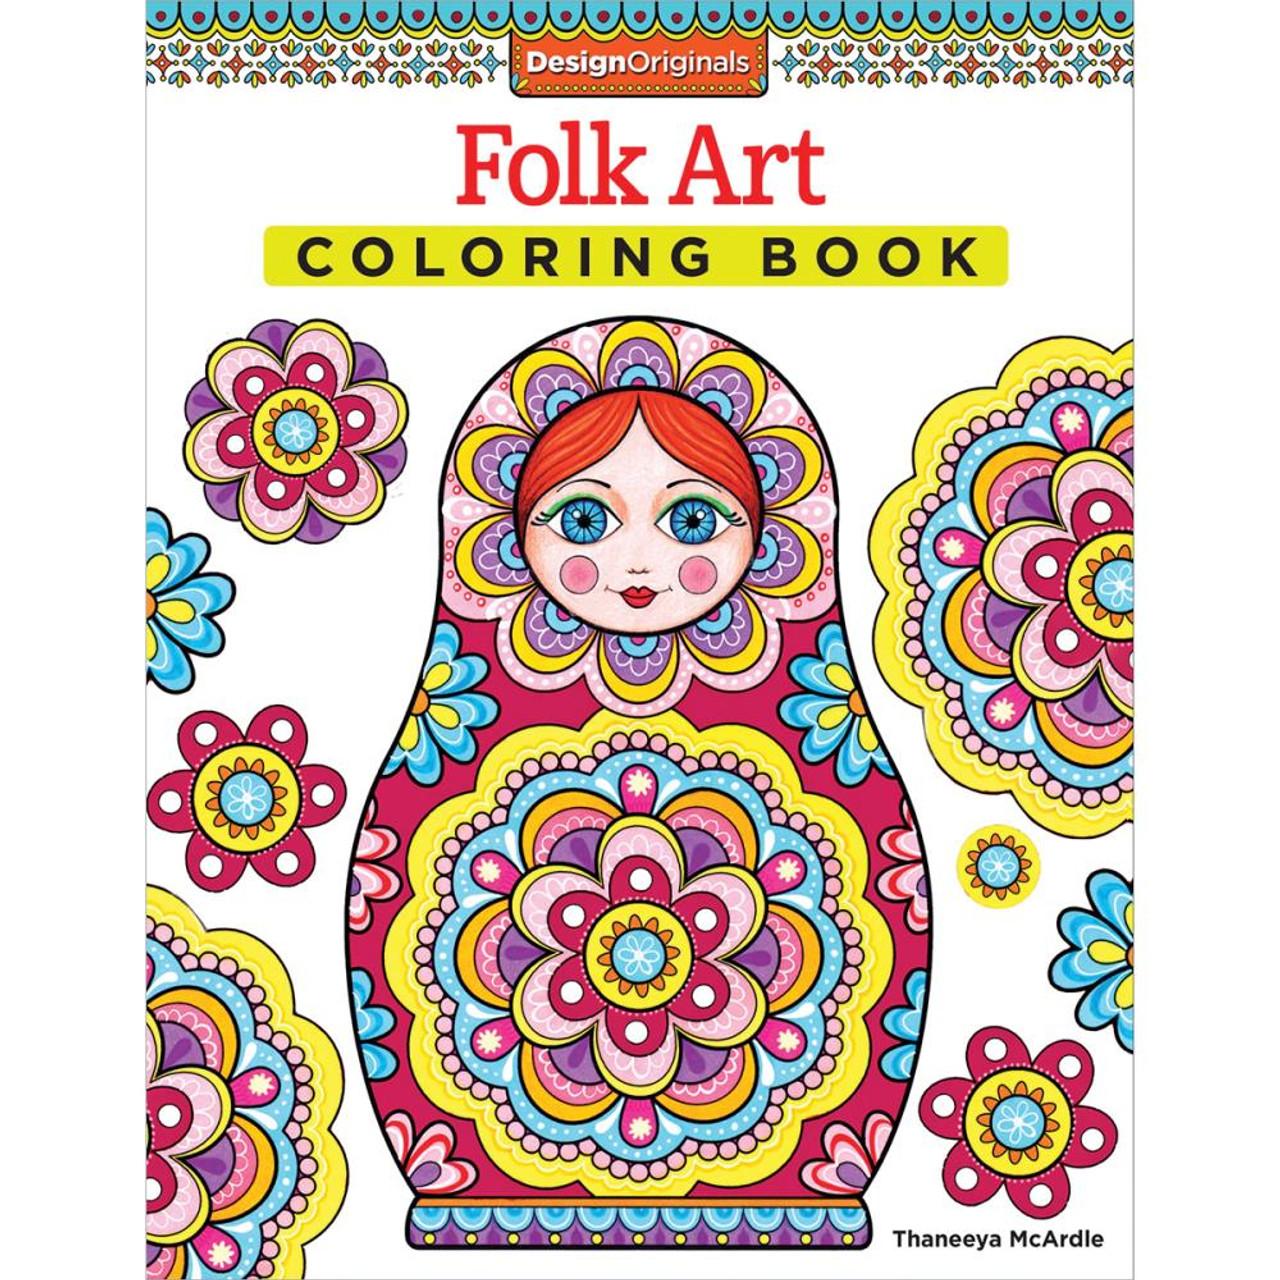 Design Originals Coloring Book Folk Art